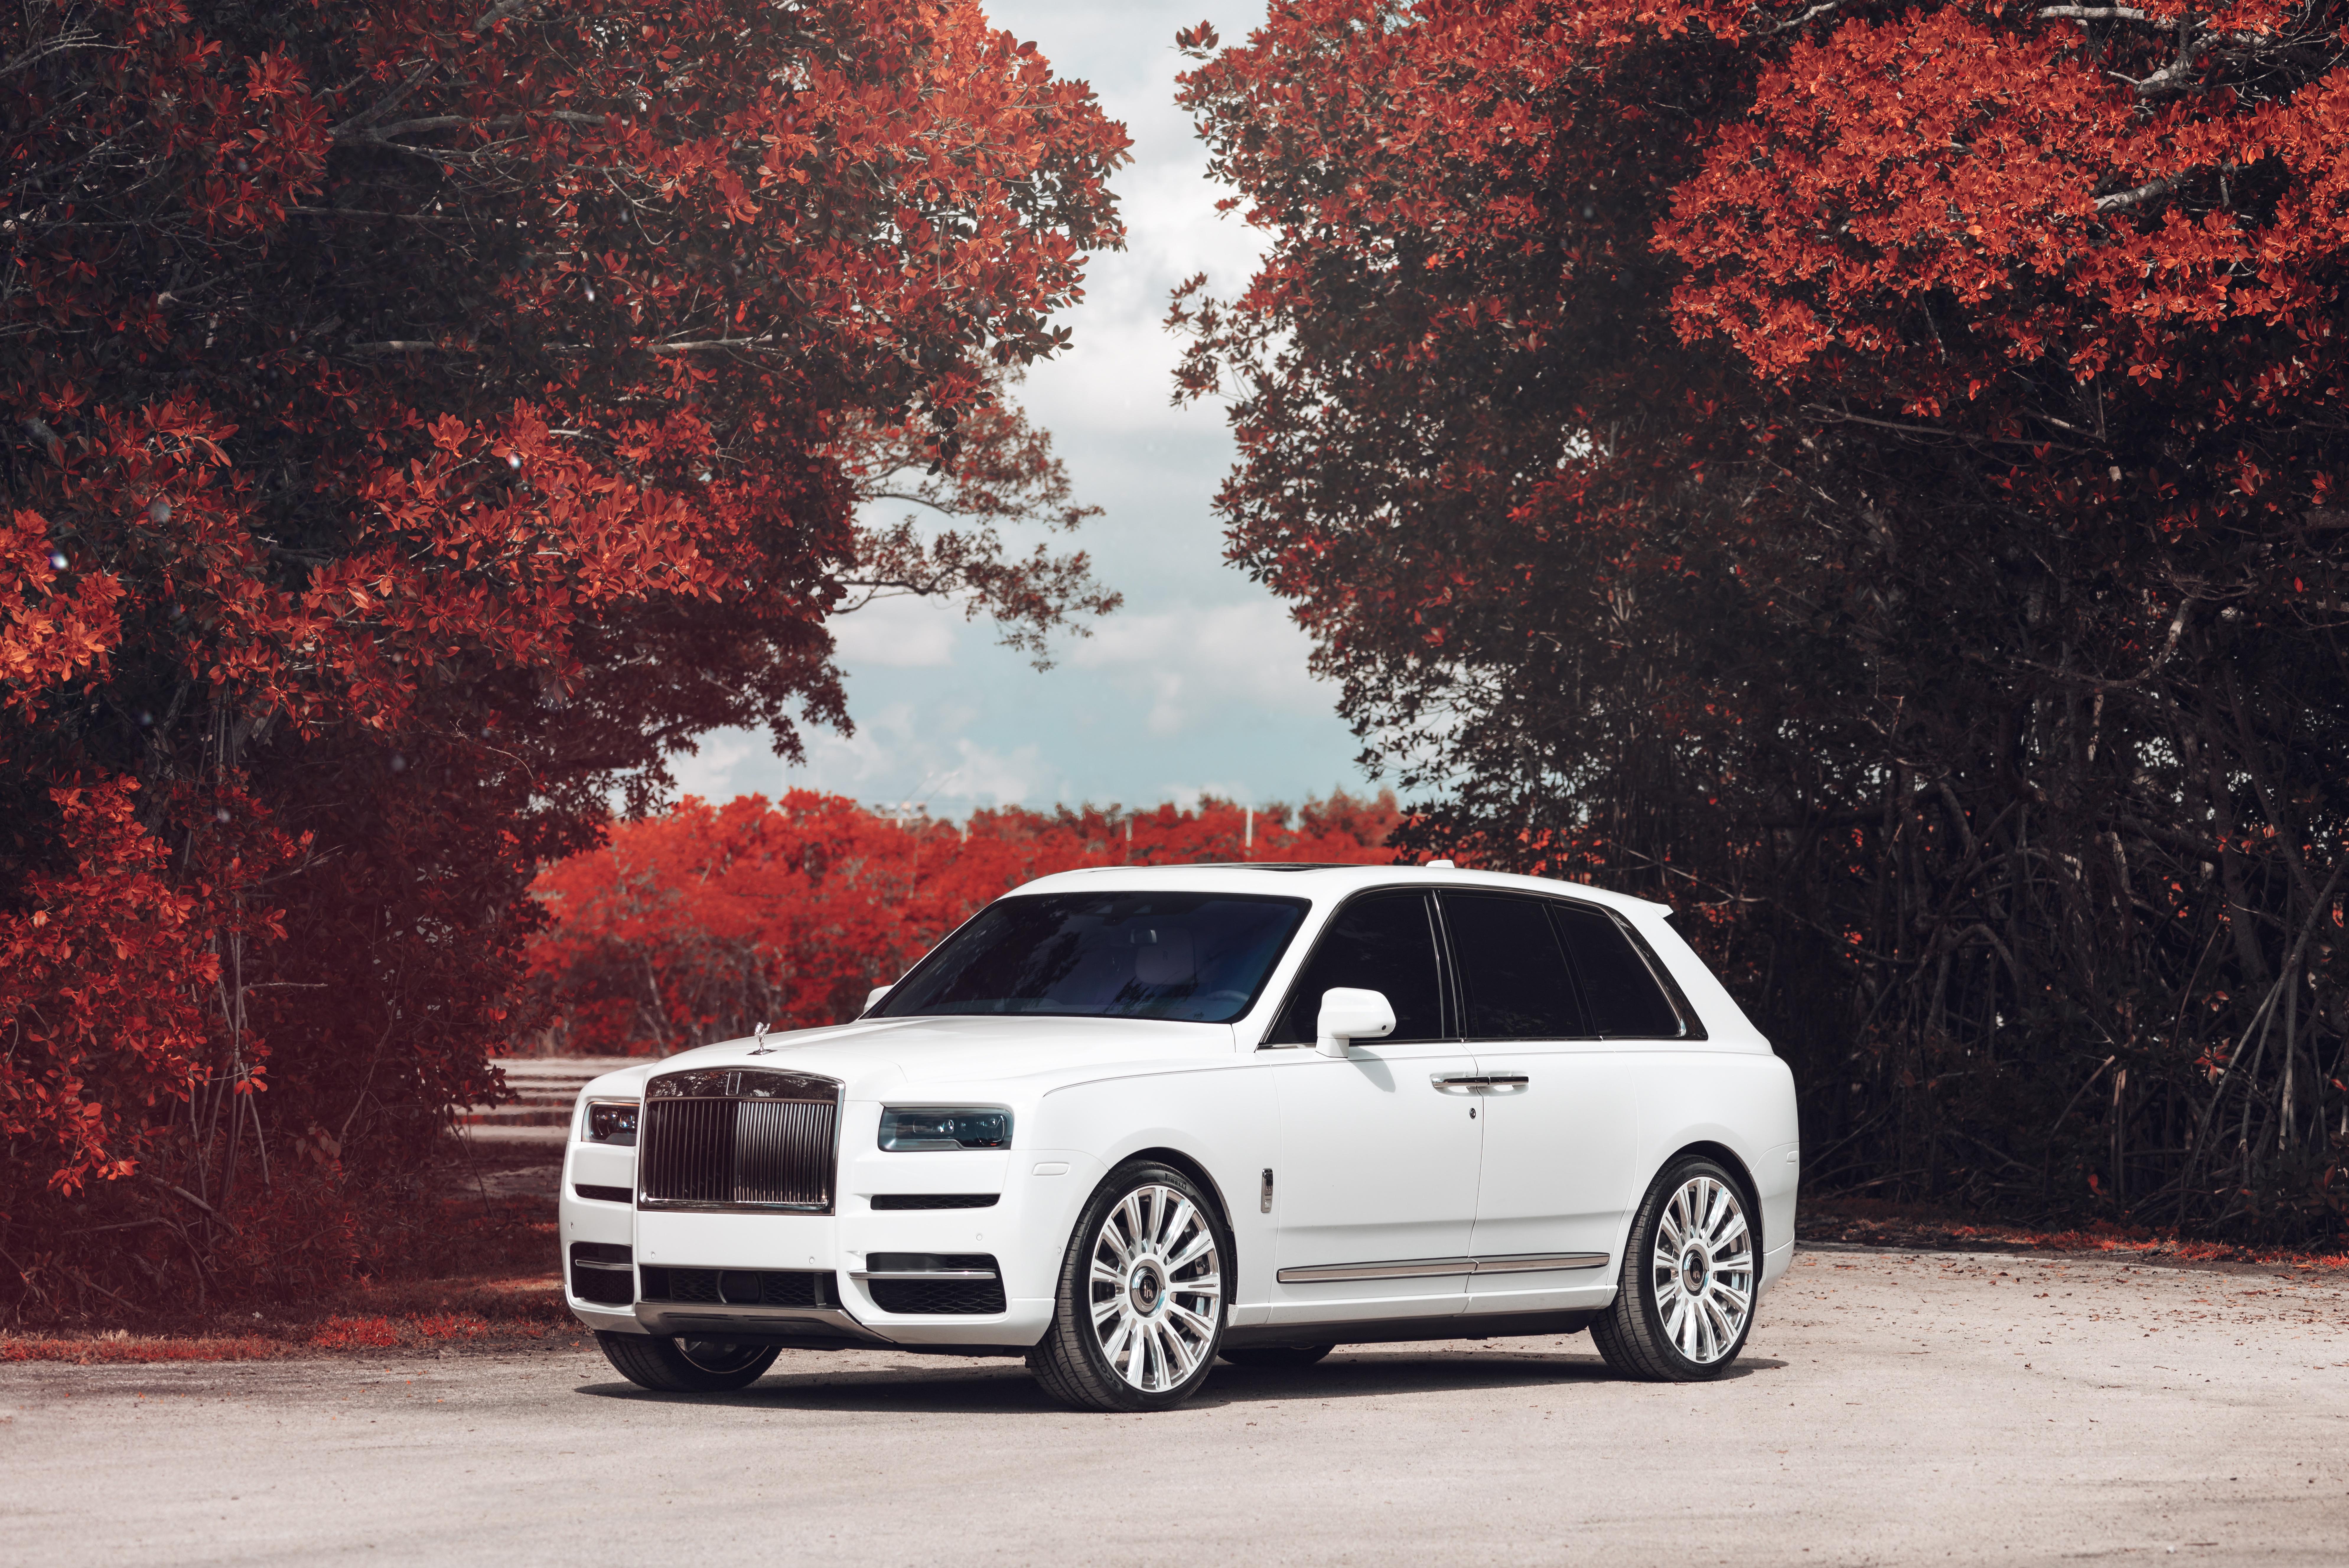 Rolls Royce Cullinan 8k Ultra Hd Wallpaper Background